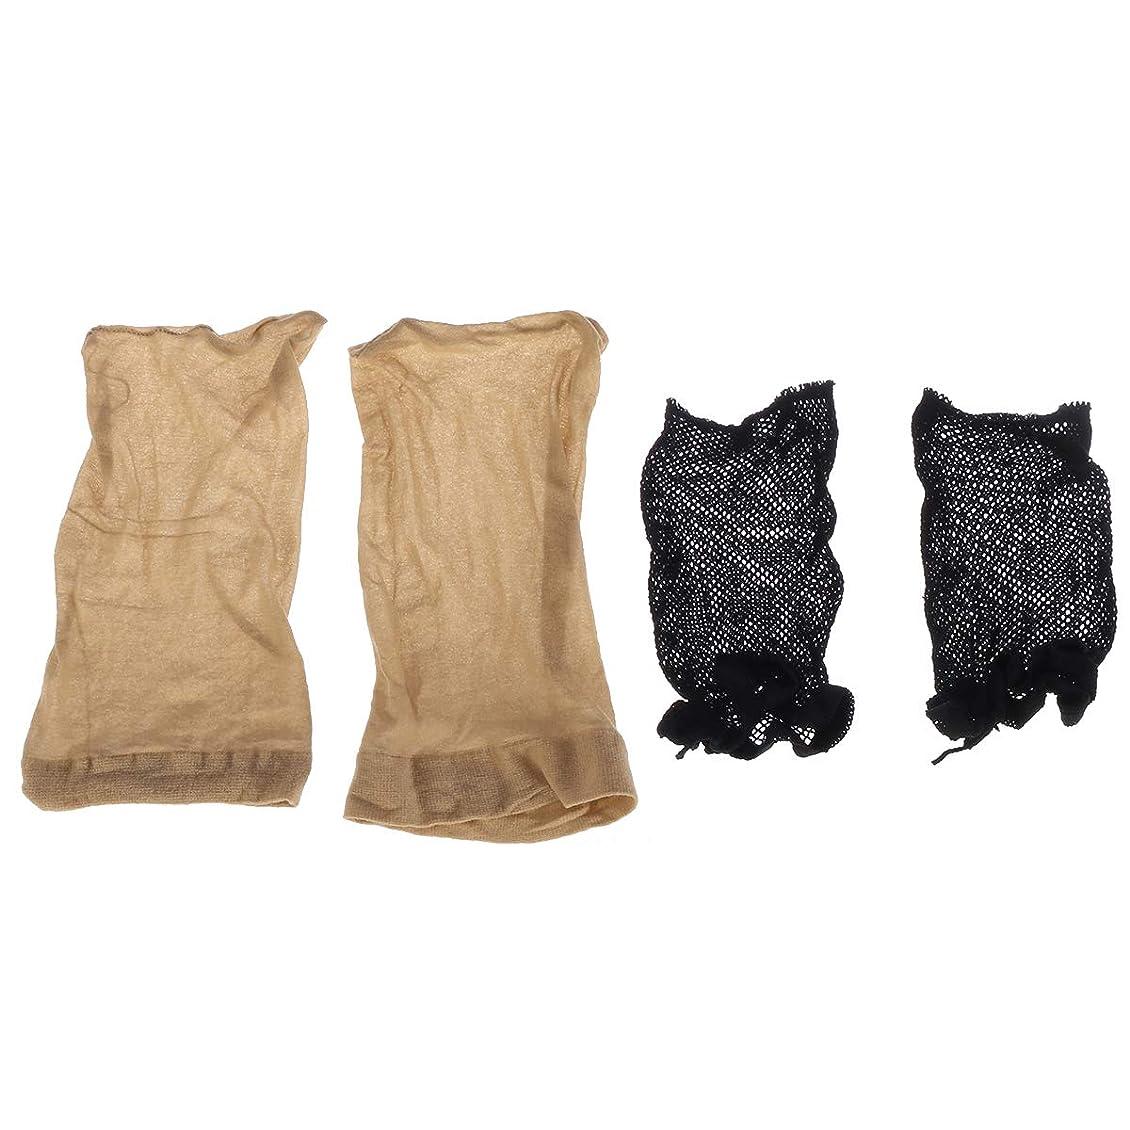 静かな賛美歌外観SUPVOX かつらを作るための2pcsメッシュウィッグキャップ女性と男性のためのストッキングキャップと2pcsメッシュウィッグキャップ伸縮性のある弾性かつらキャップ(ブラック)